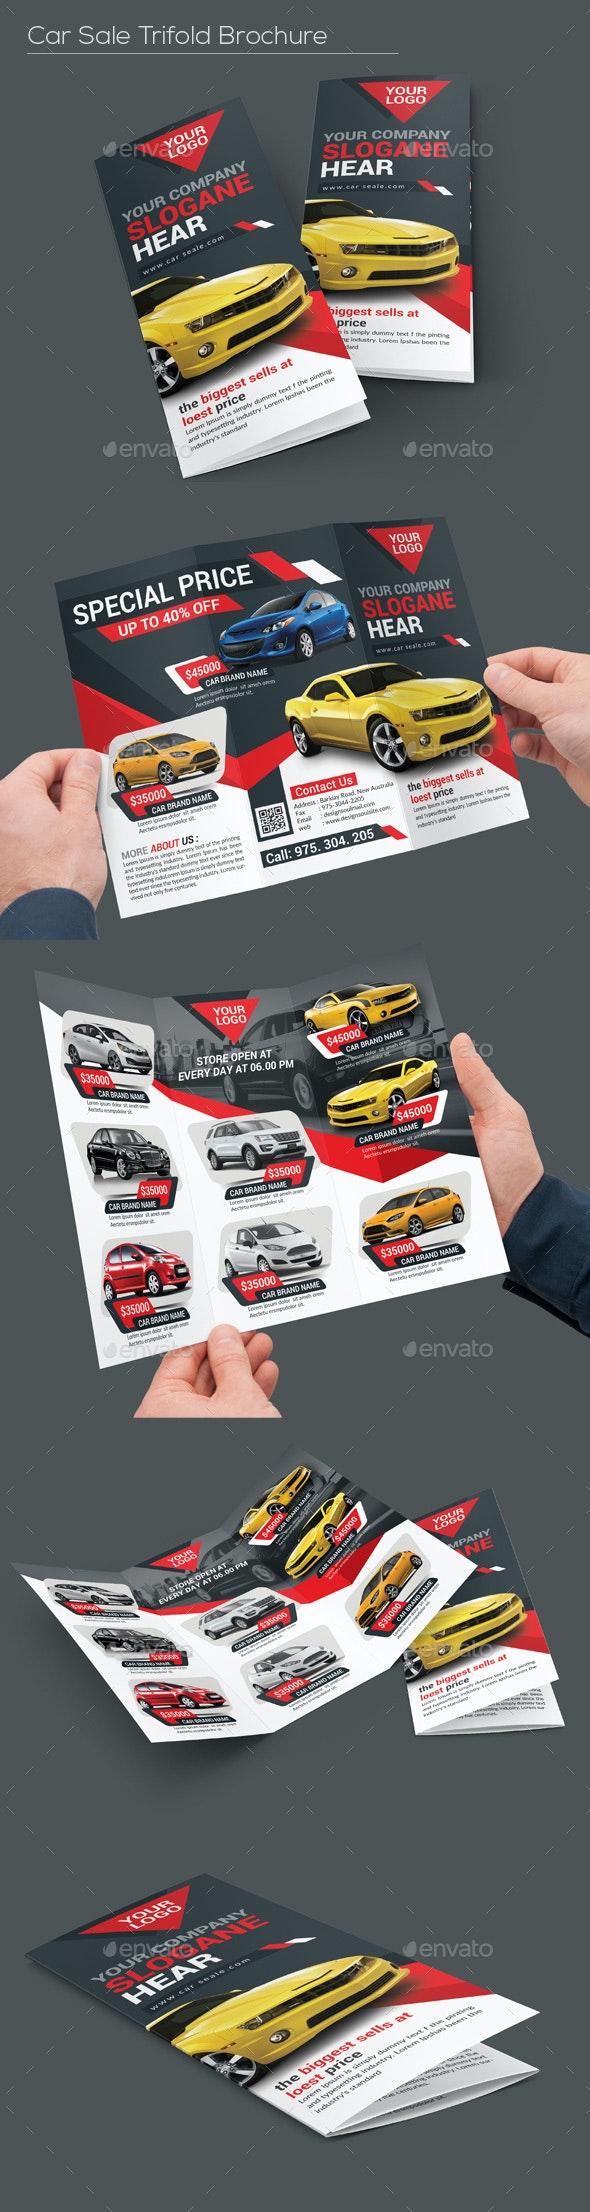 Car Sale Tri-fold Brochure - Corporate Brochures